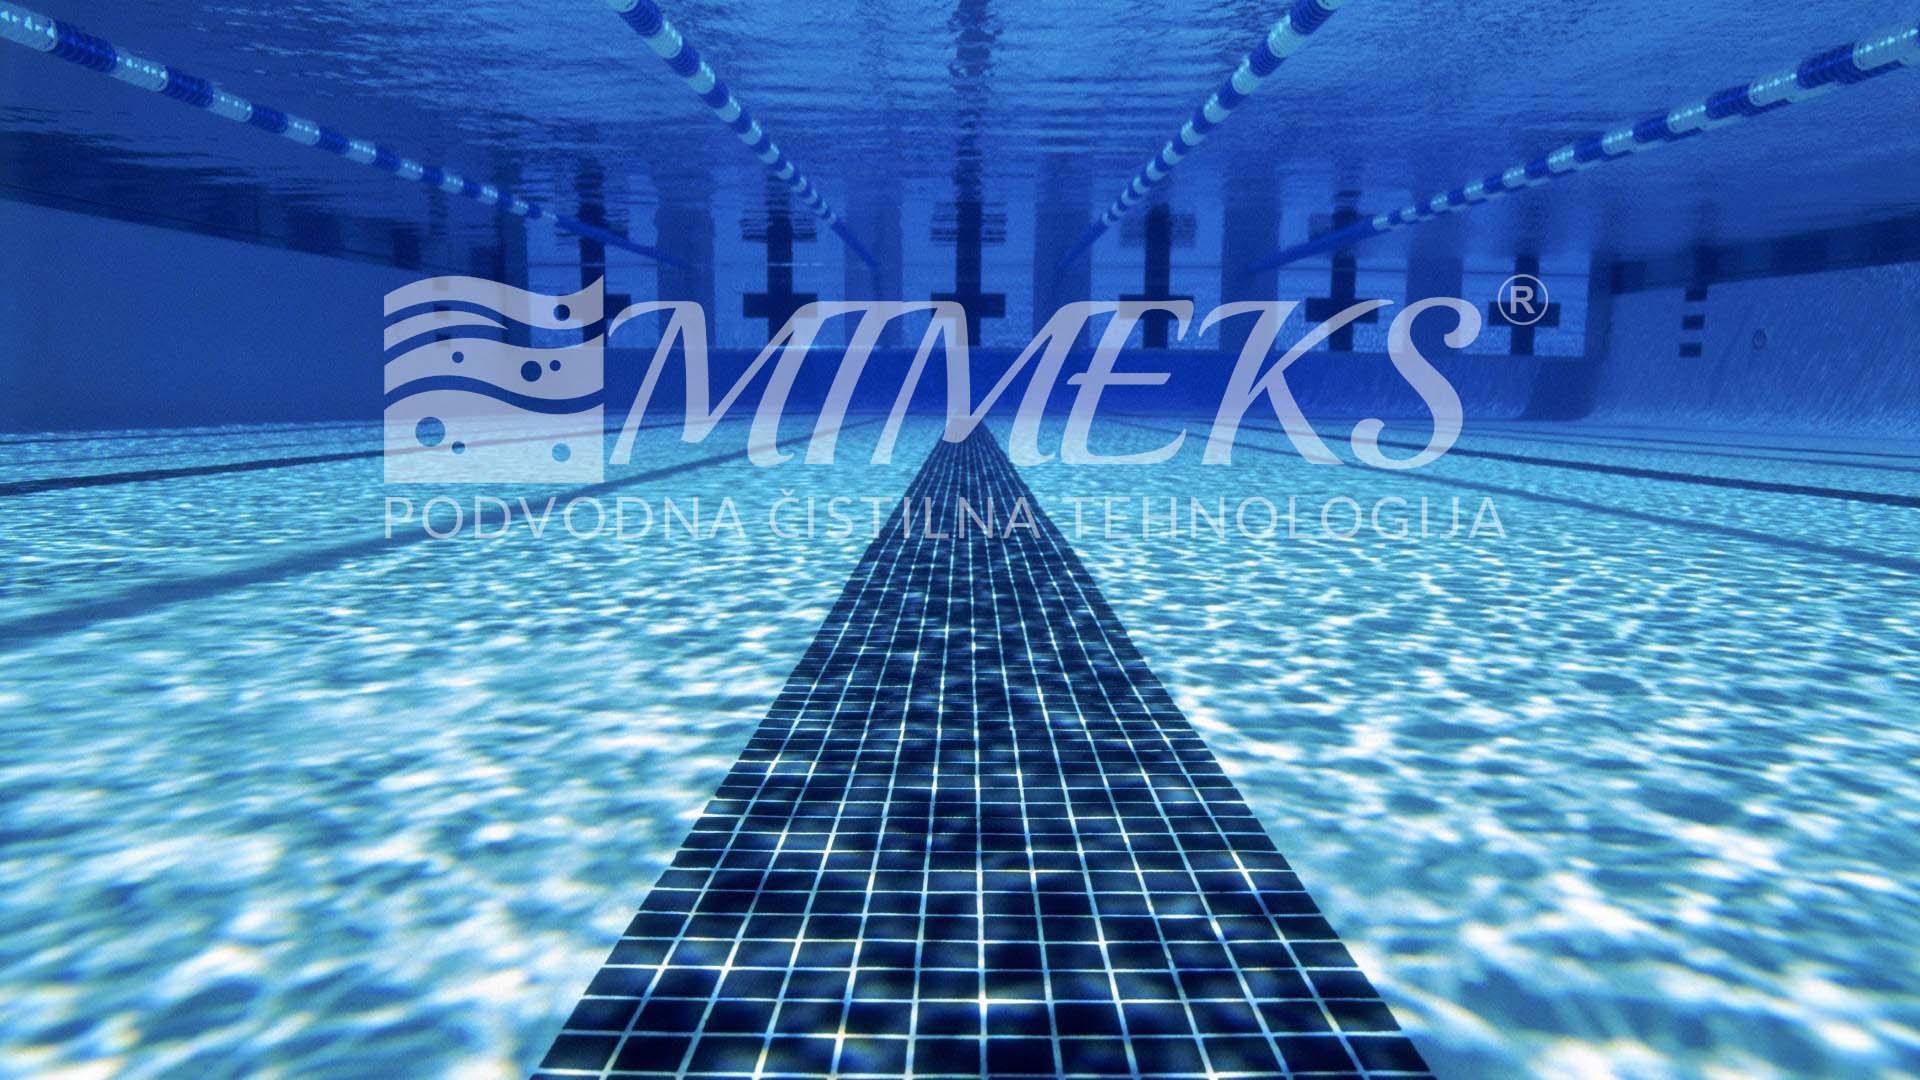 Mimeks Trade - Podvodna čistilna tehnologija